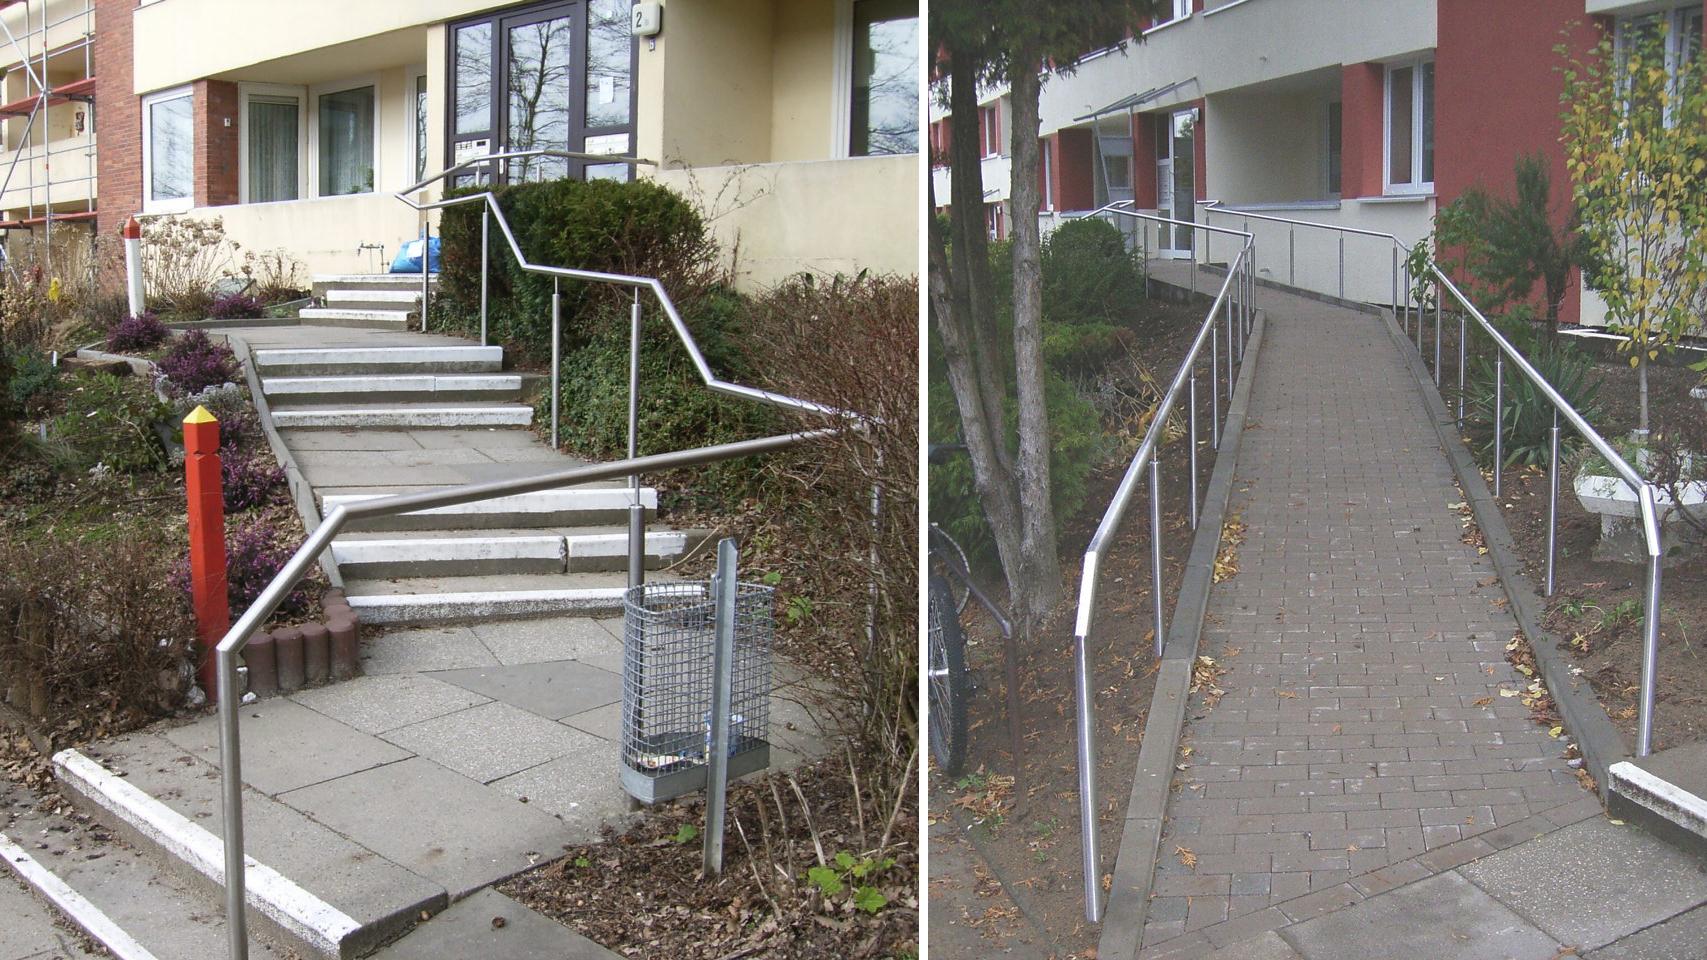 Ratgeber Behindertengerechter Zugang Ins Haus Schwellen